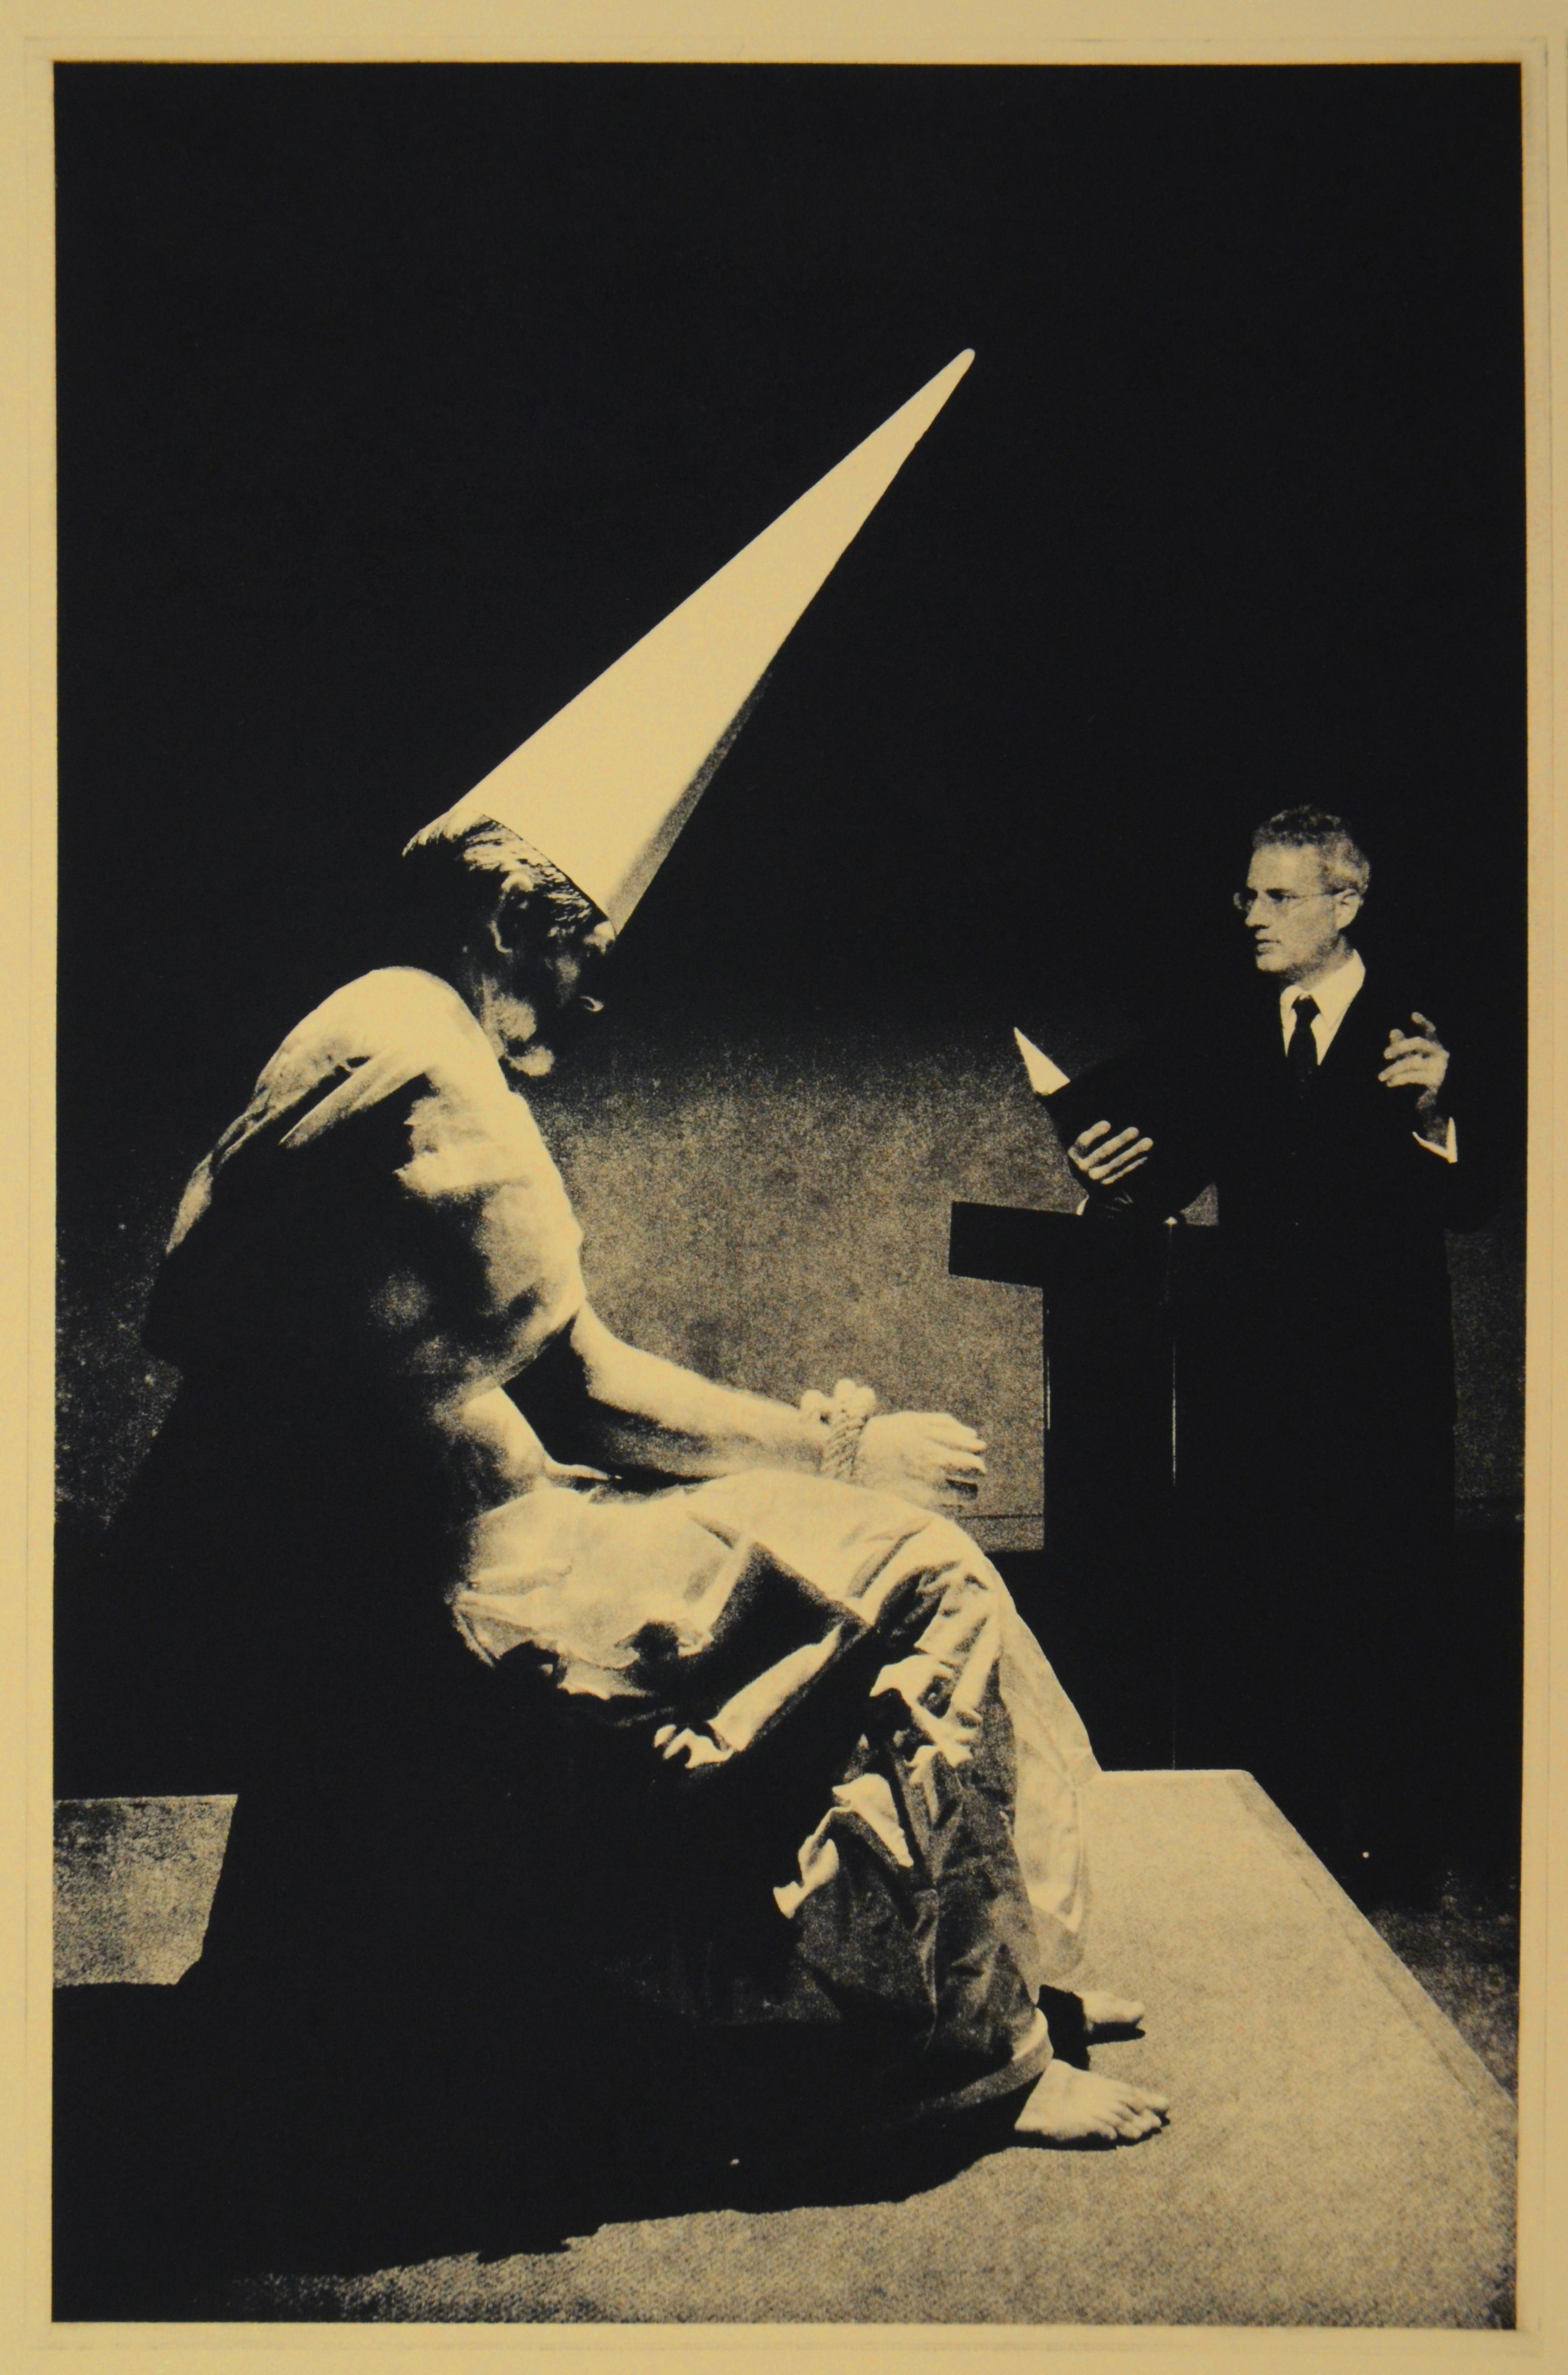 TheBride&the Preacher